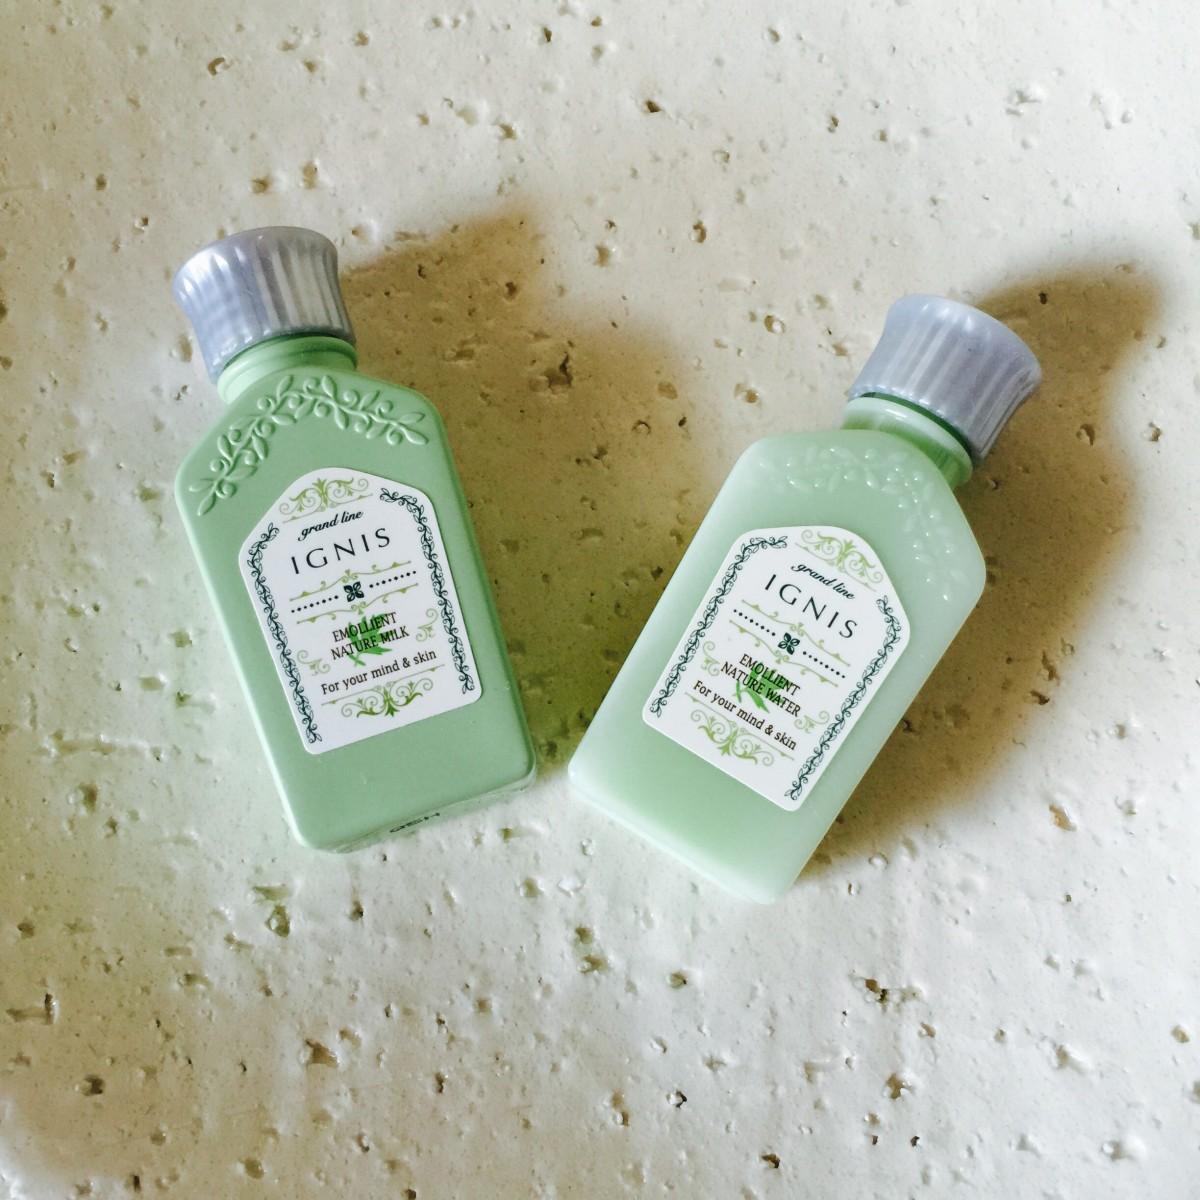 可愛くてよい香り ♡IGNIS&IGNIS GARDEN マキアビューティナイト♡ブース編